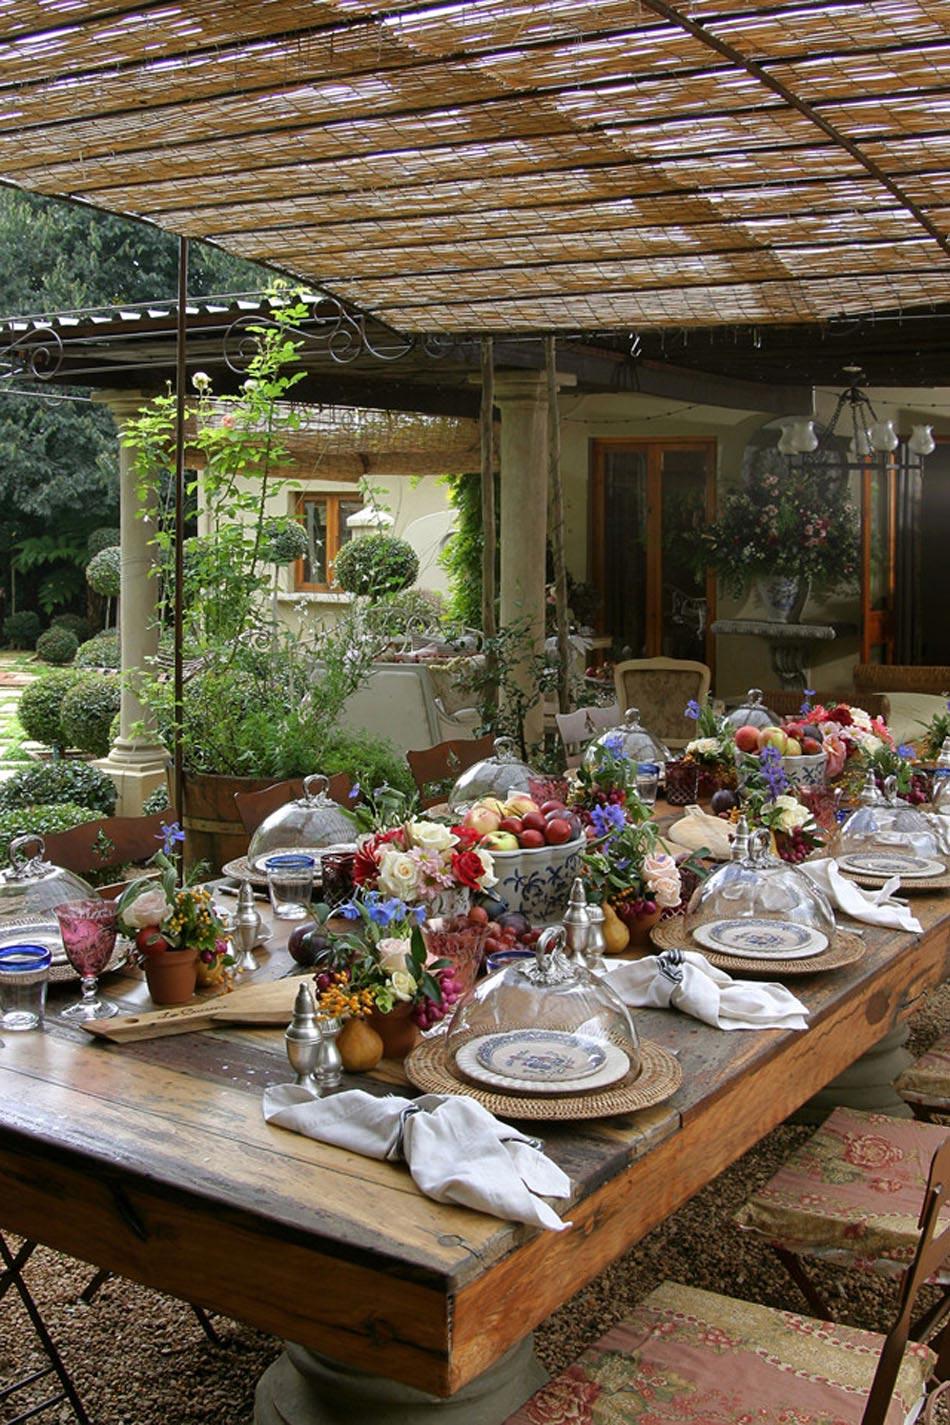 15 id es d co pour profiter d un repas entre amis en plein